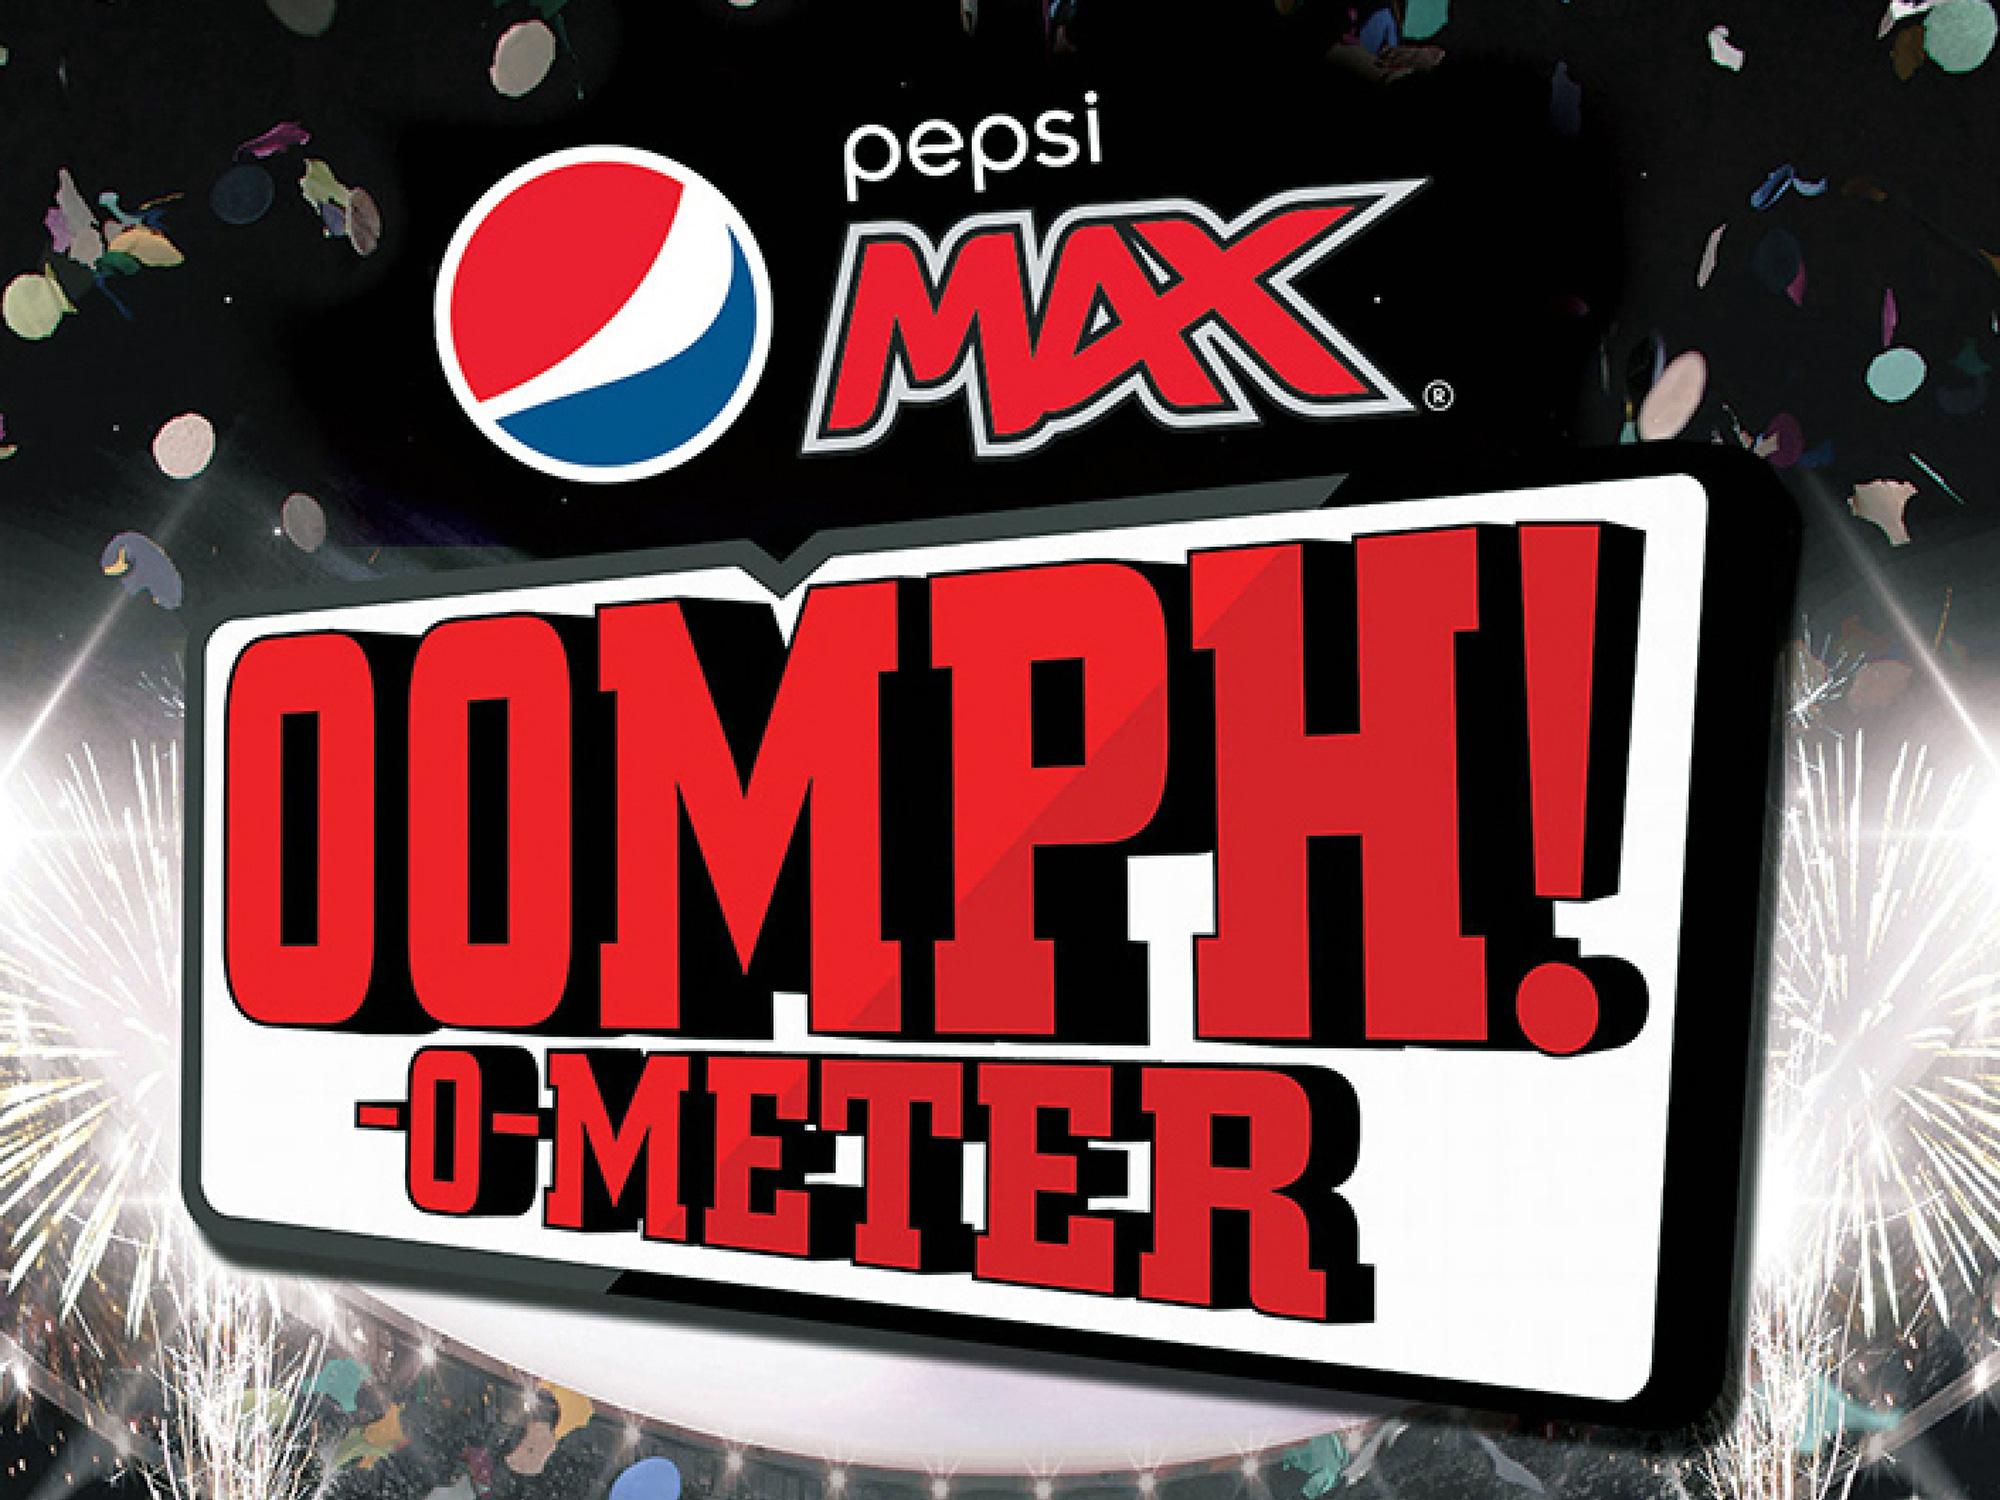 Pepsi Max Oomph O Meter